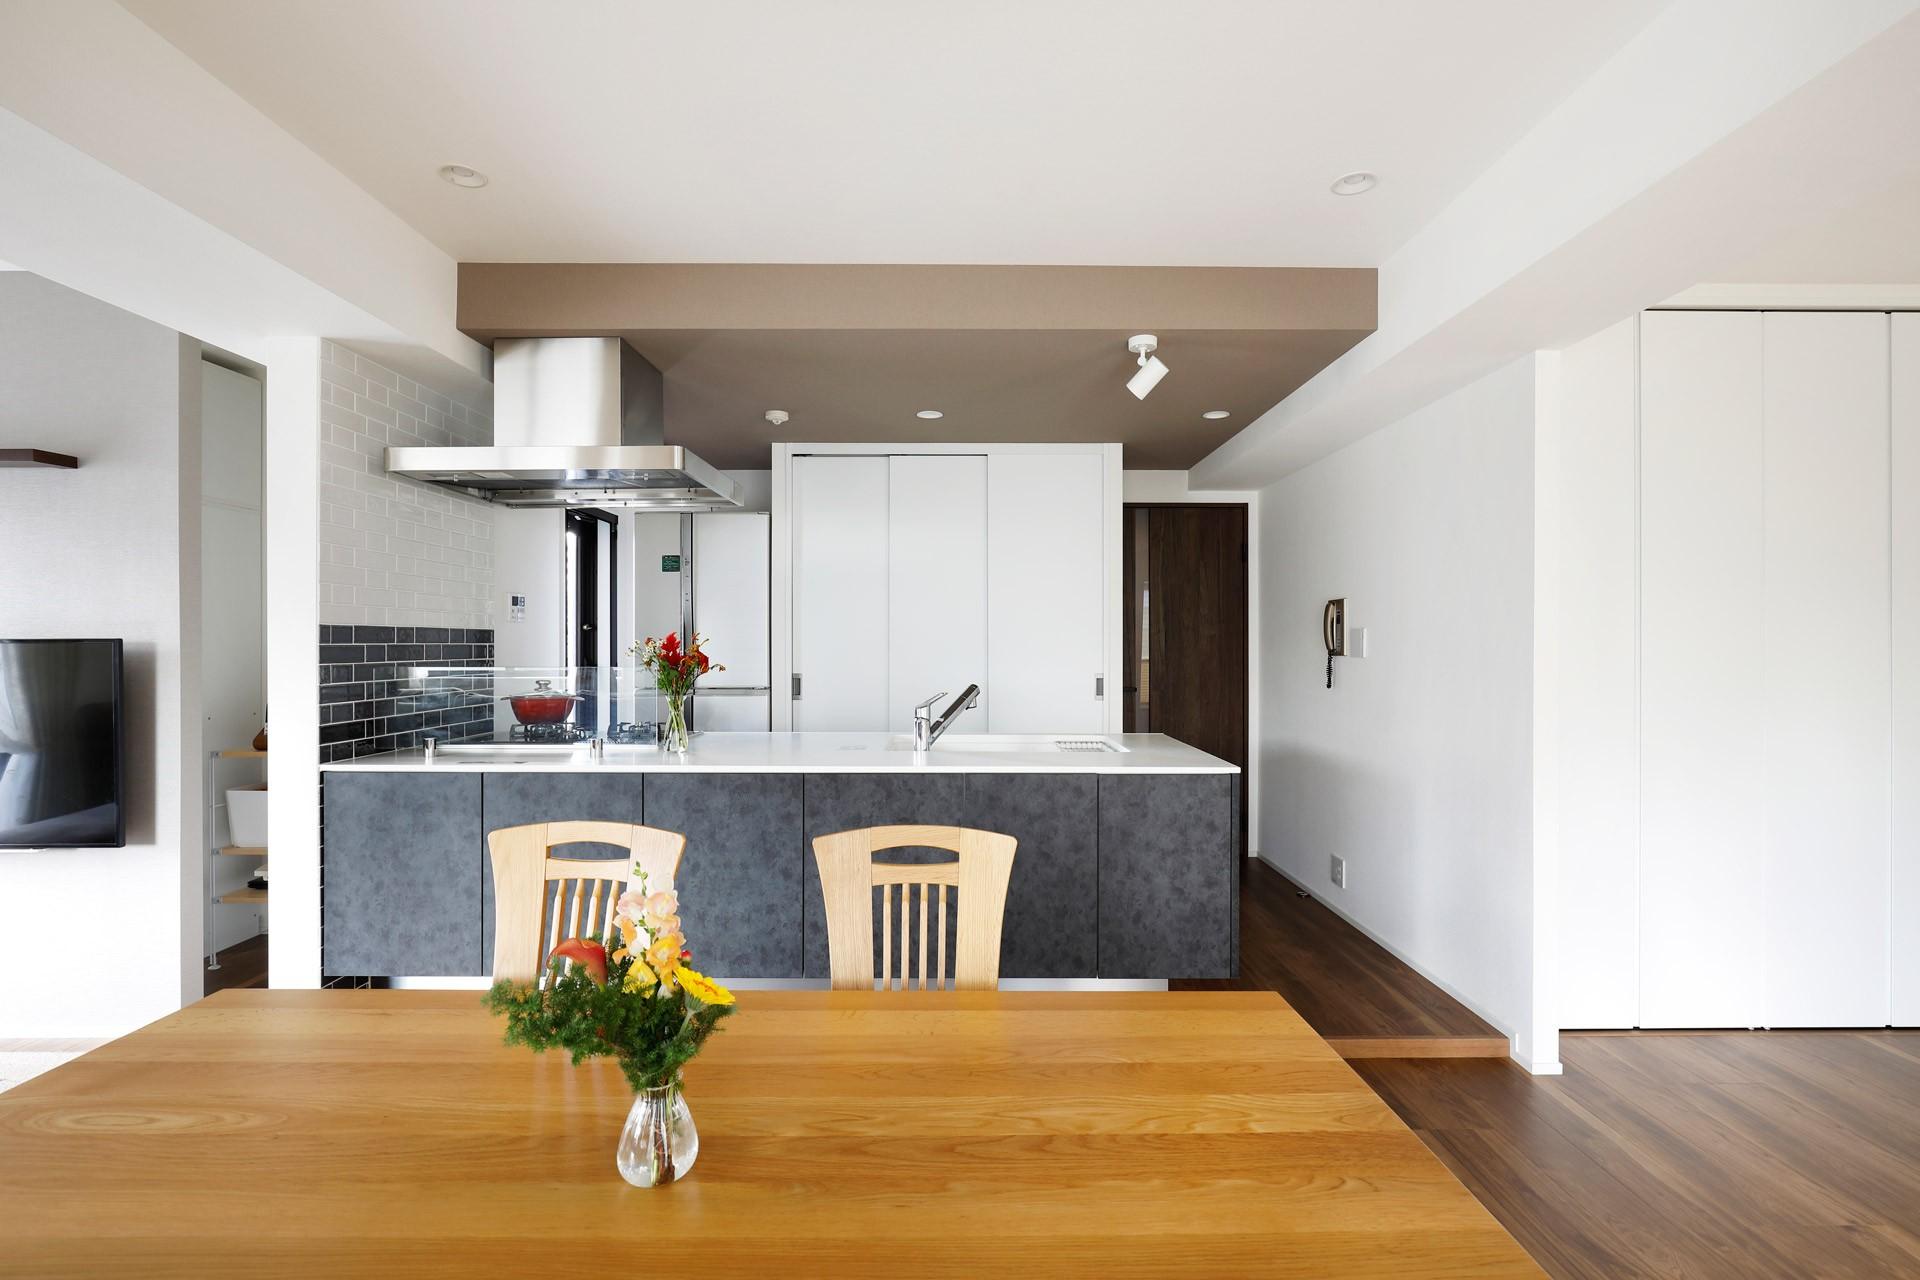 キッチン事例:ダイニングキッチン(一見シンプルな住まいながら、来客には見えないオシャレにもこだわった家。)